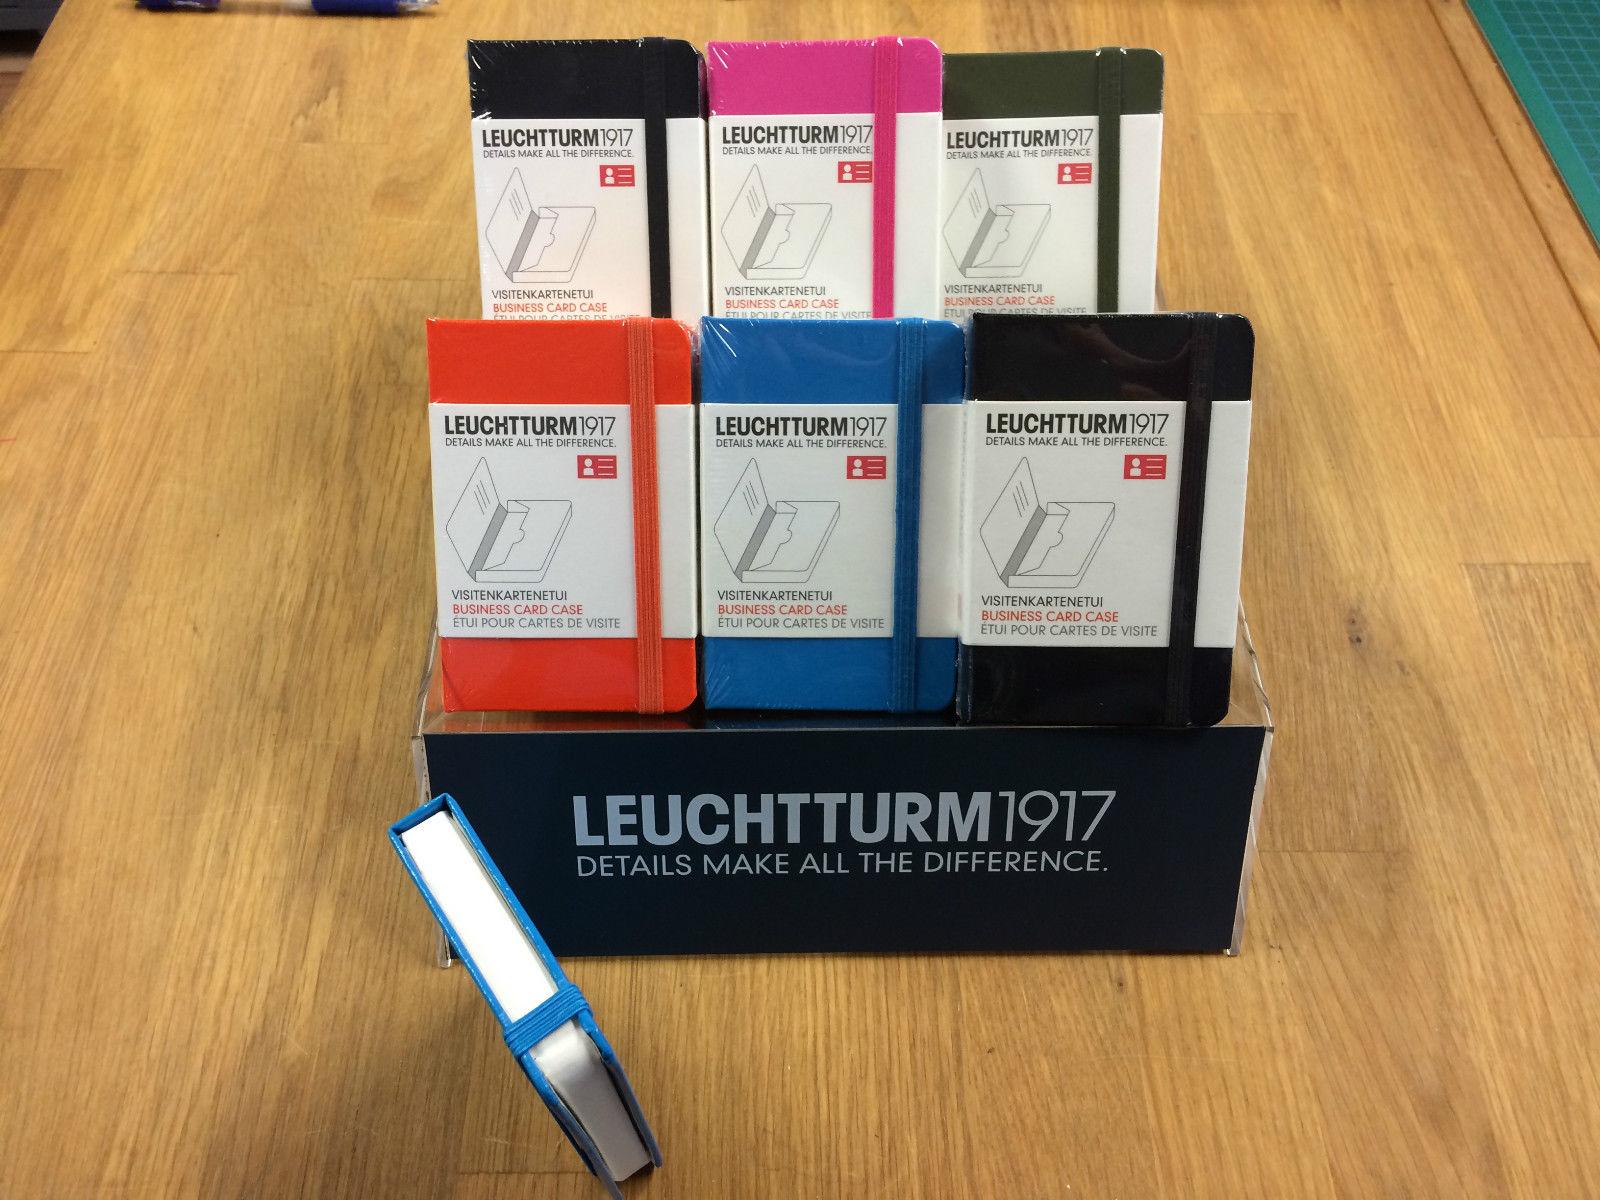 Smart-Business-Card-Holder-Case-All-Colours-Leuchtturm1917-152111649079